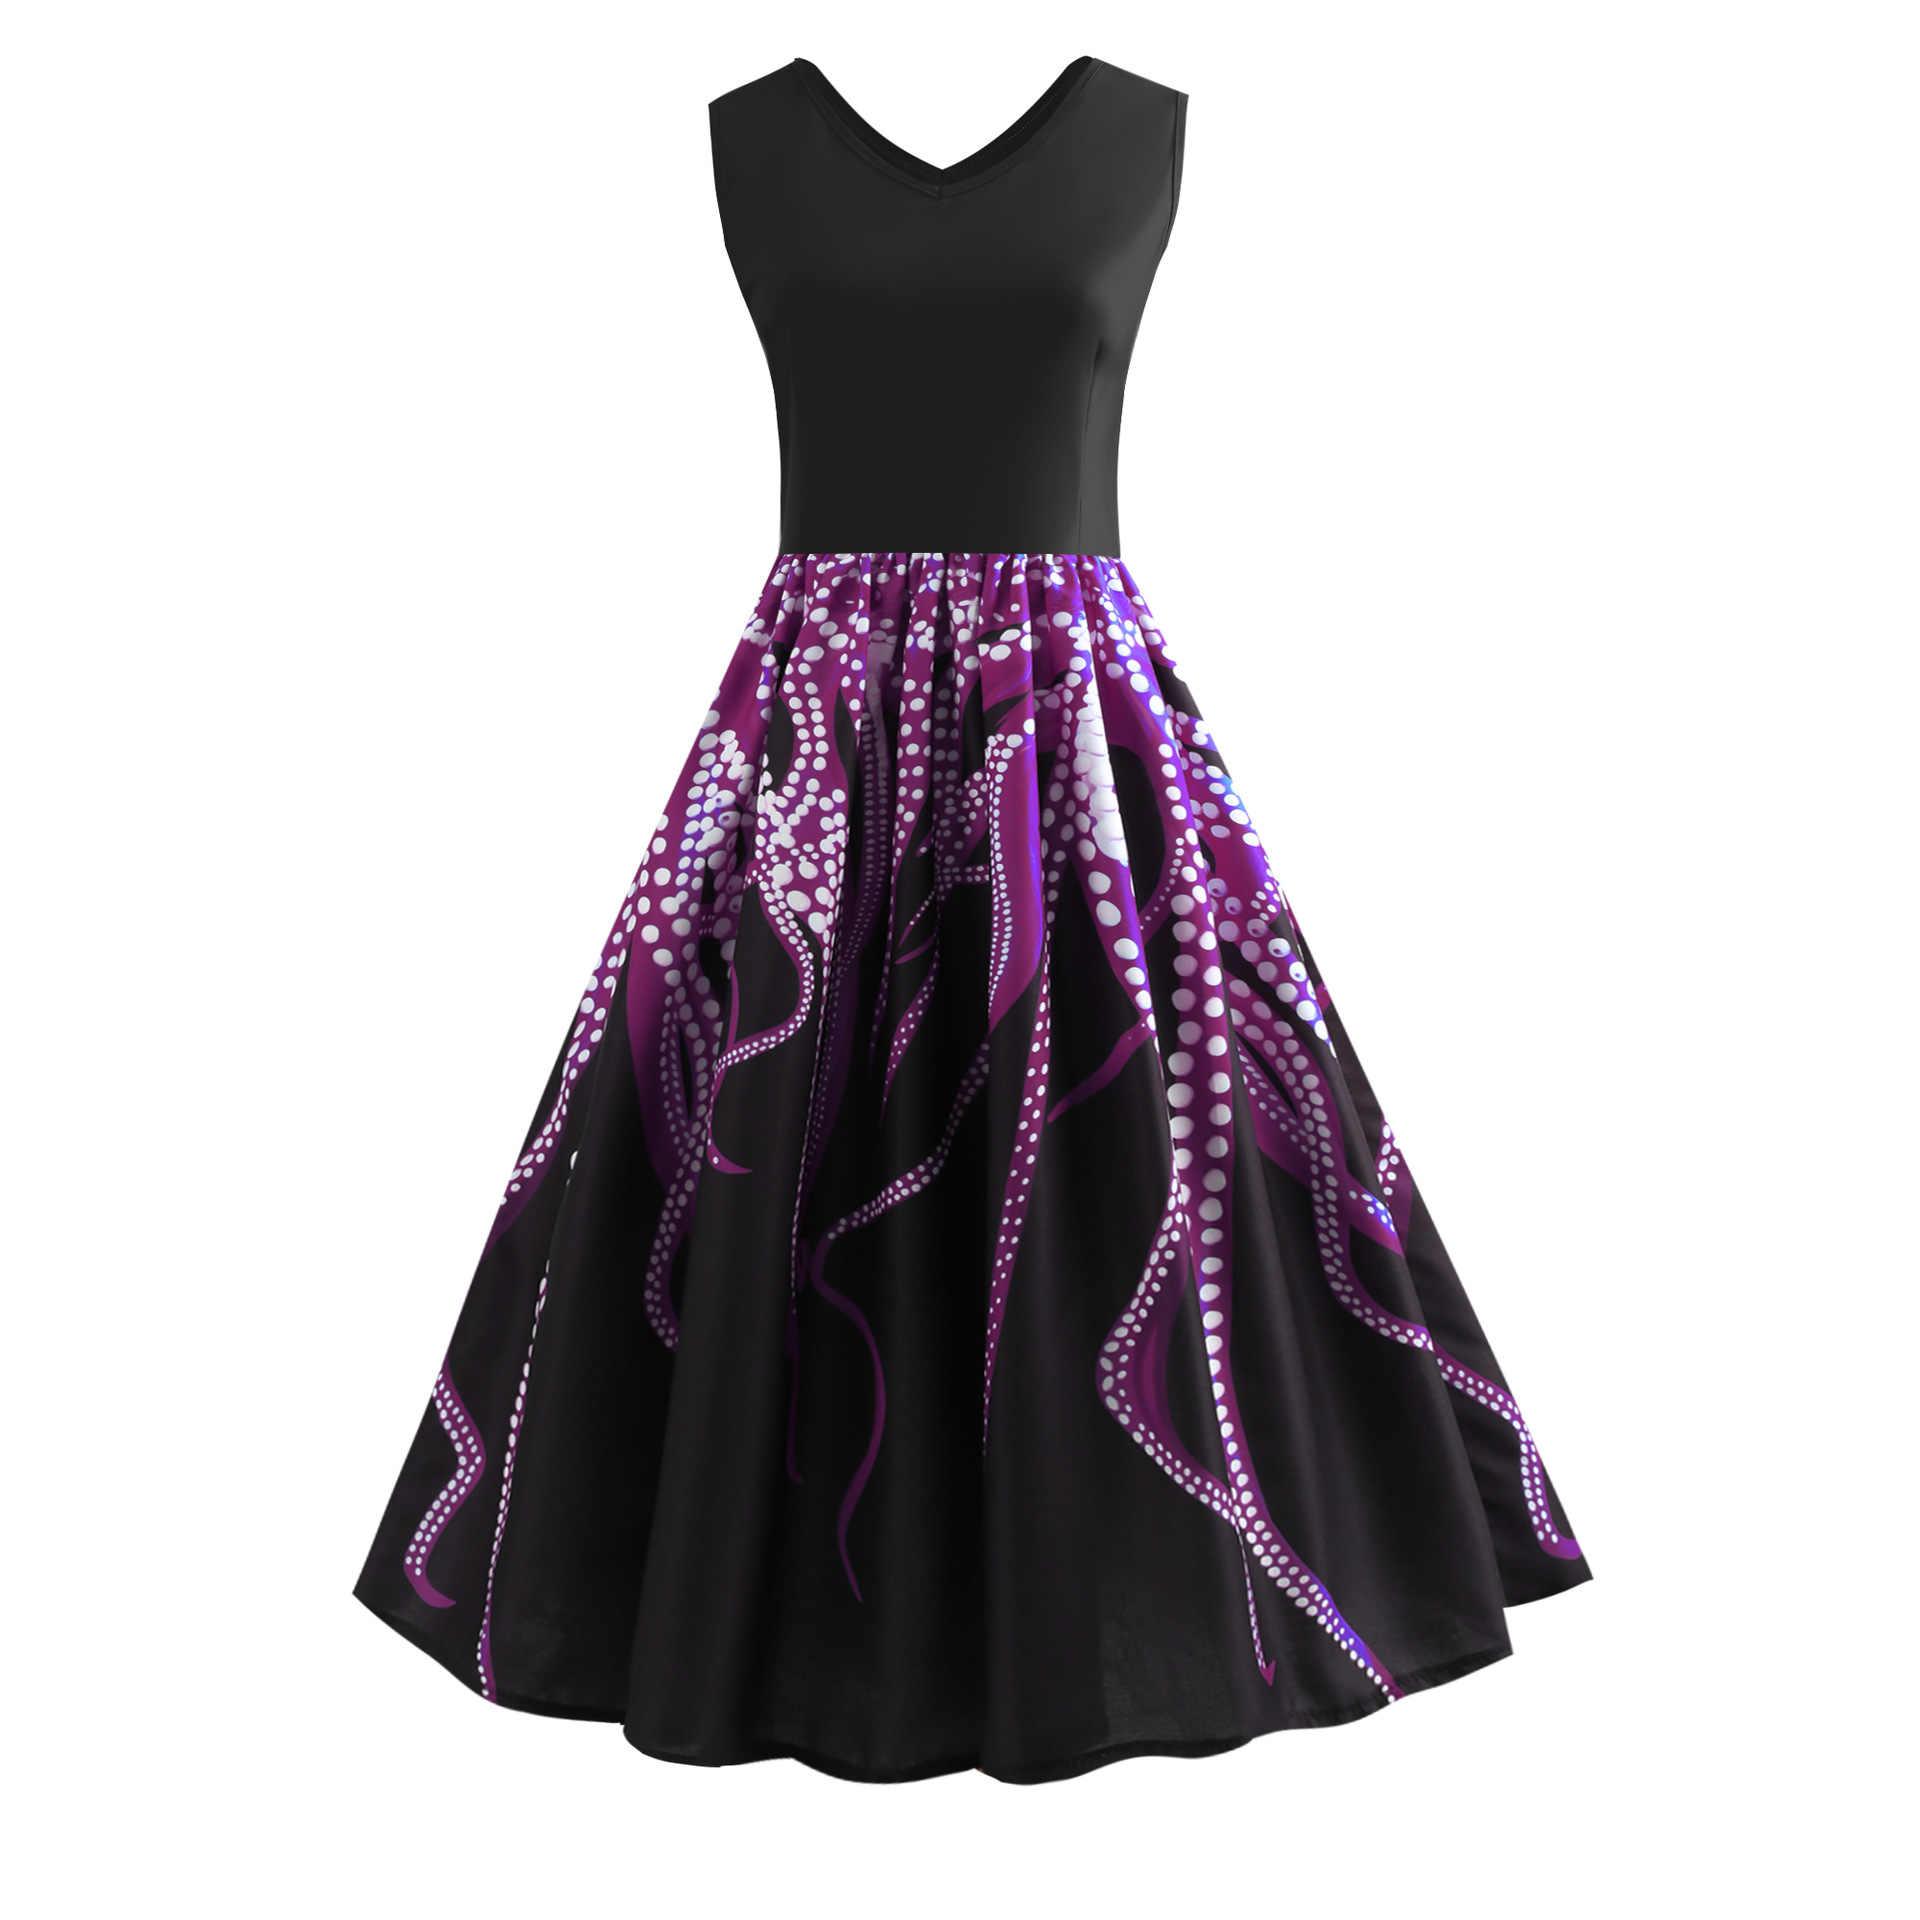 พิมพ์ V คอฤดูร้อนผู้หญิงเซ็กซี่ชุดพรรค Elegant Retro Hepburn วินเทจ 50 s 60 s Rockabilly swing Dress